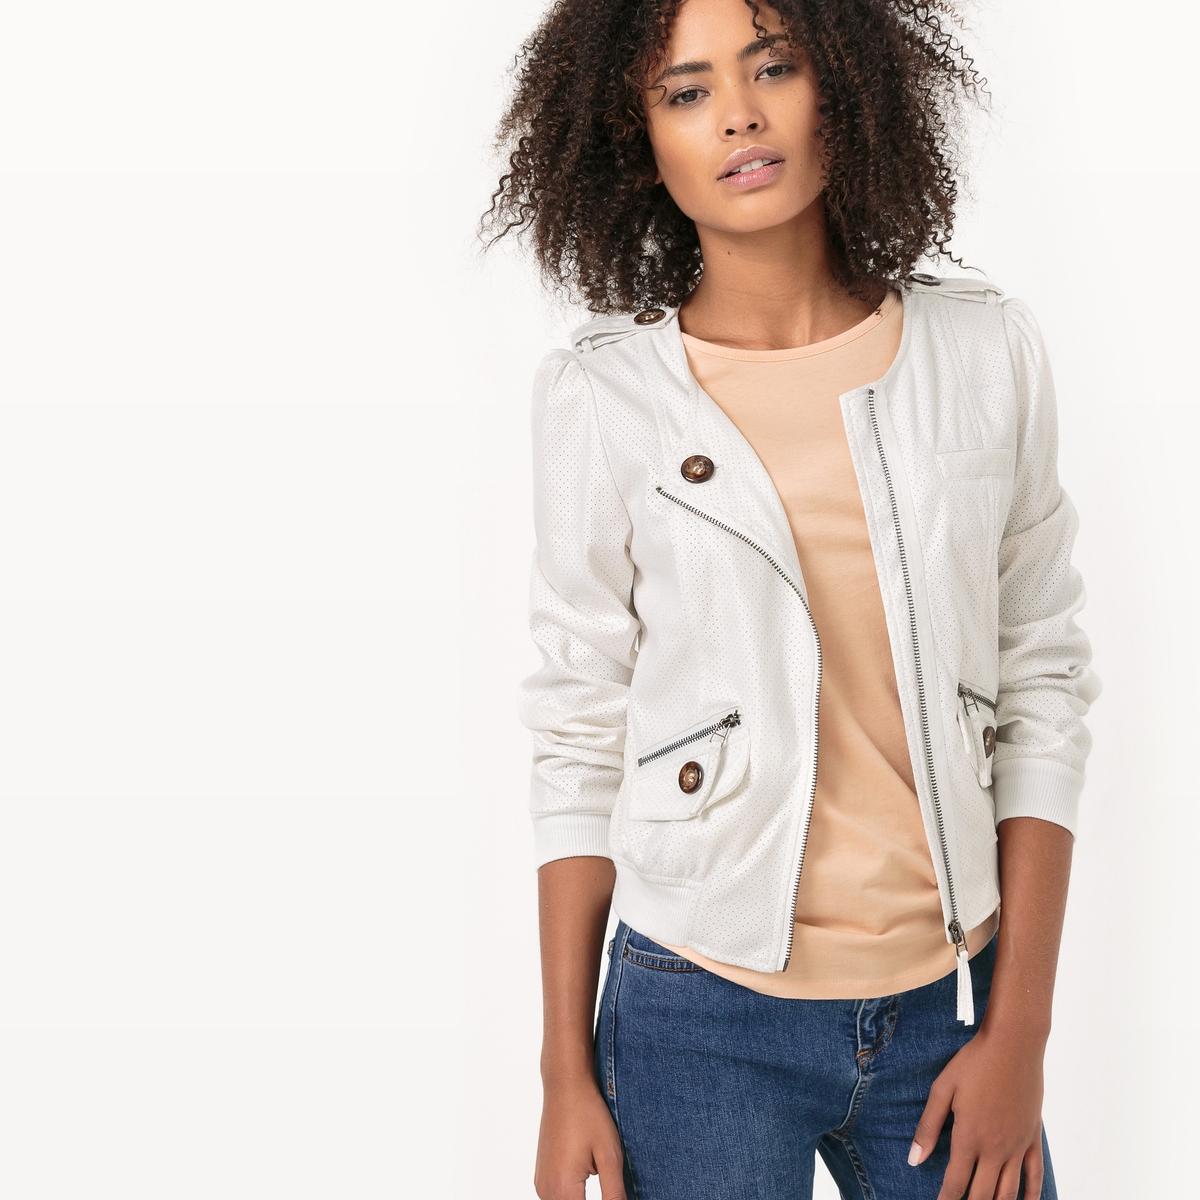 Куртка на молнииДетали  •  Длина:укороченная   •  Без воротника  •  Застежка на молнию Состав и уход   •  5% вискозы, 95% полиэстера   •  Просьба следовать советам по уходу, указанным на этикетке изделия<br><br>Цвет: белый,сине-серый<br>Размер: XL.L